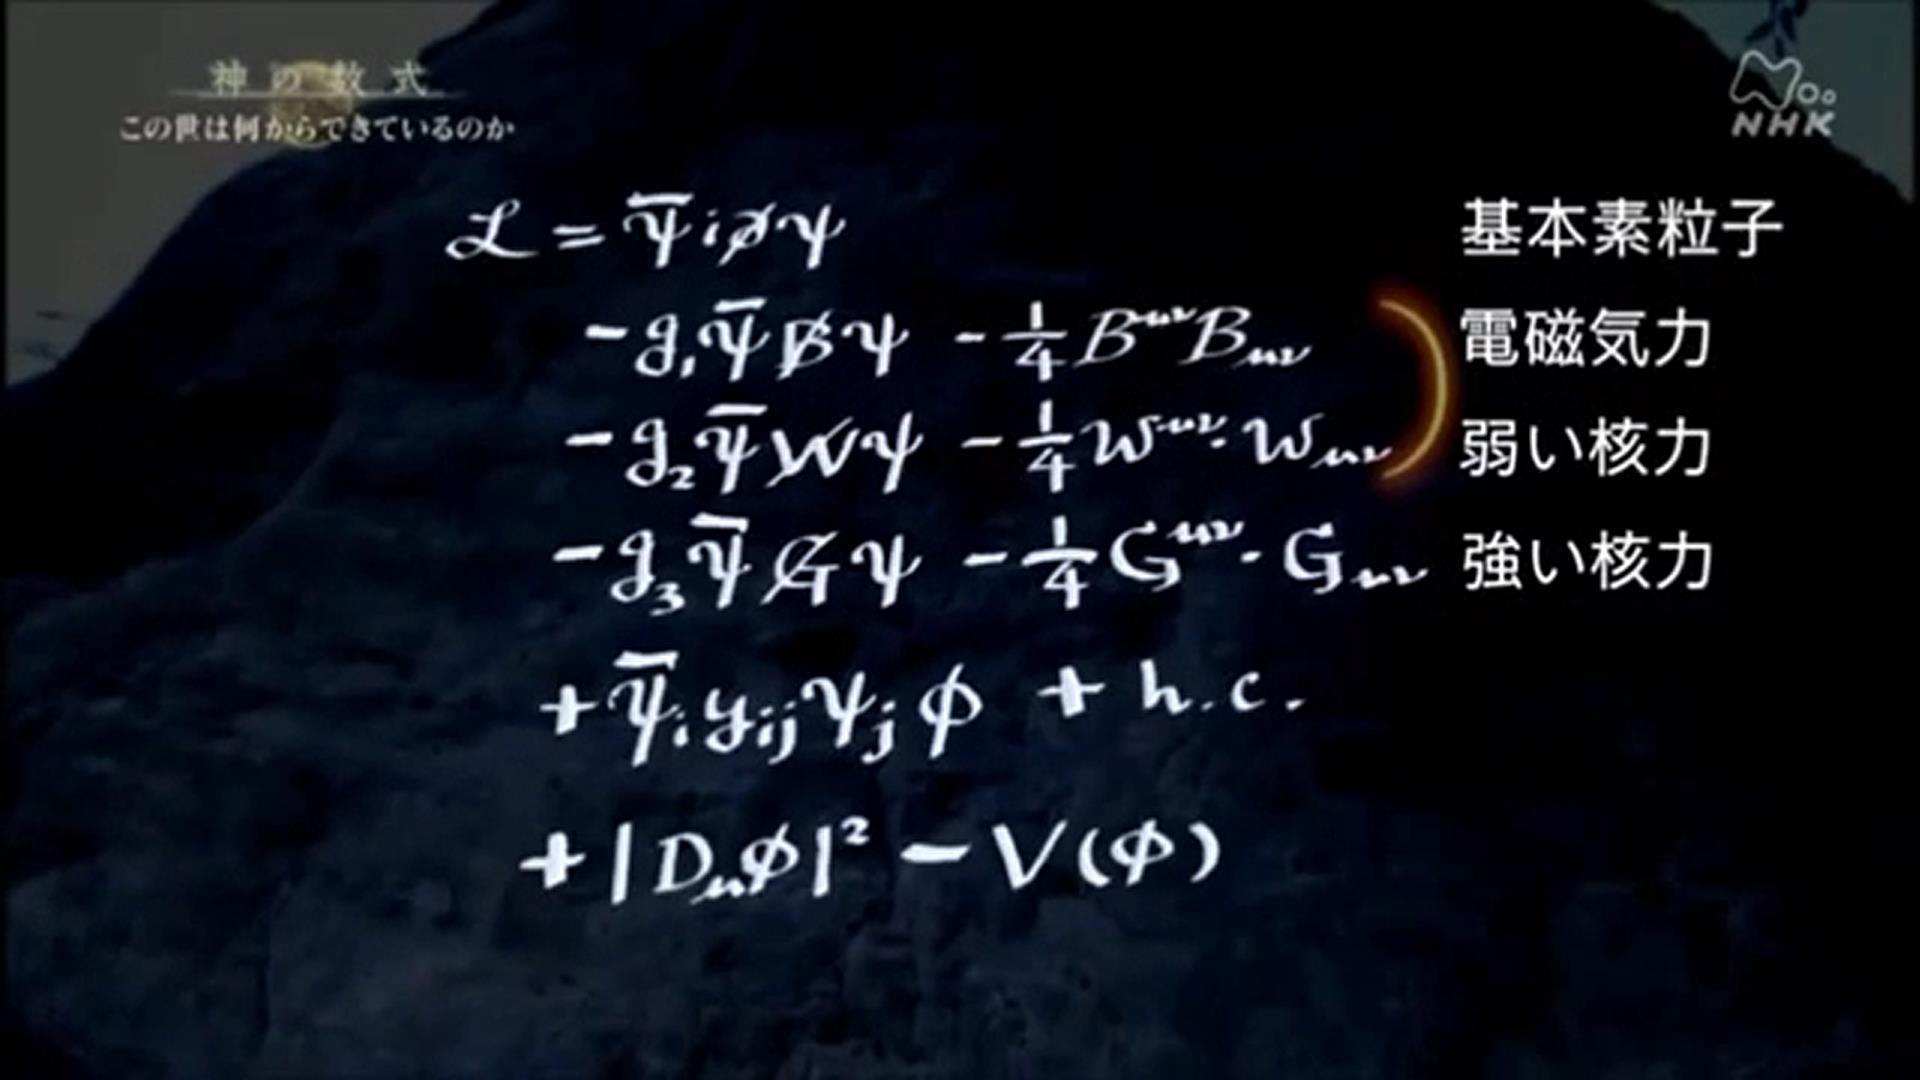 神の数式 について 物理学のq A 締切済み Okwave